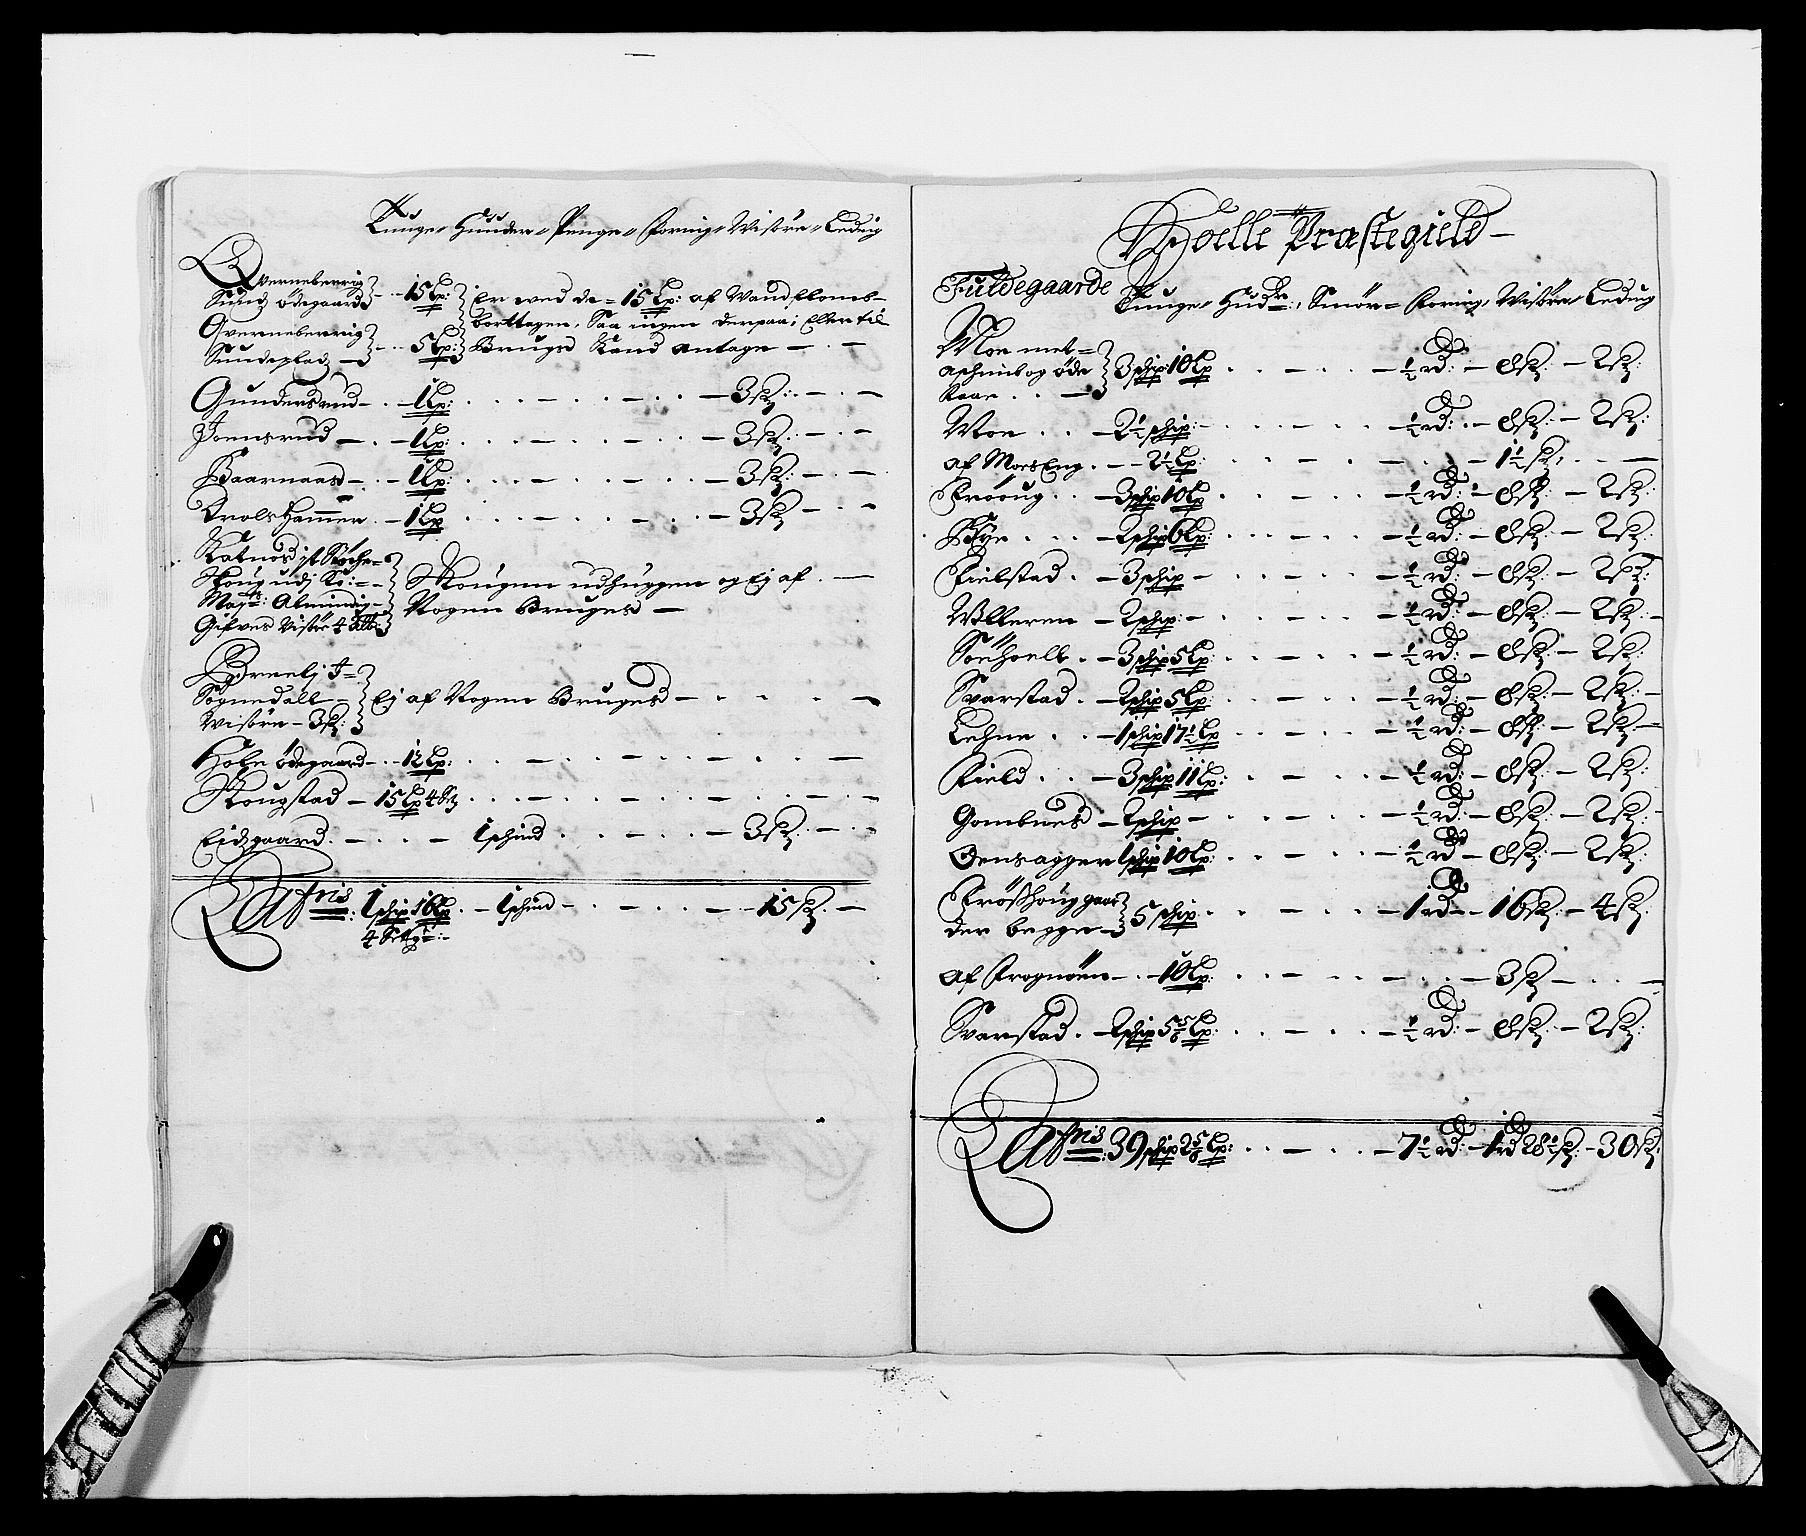 RA, Rentekammeret inntil 1814, Reviderte regnskaper, Fogderegnskap, R21/L1447: Fogderegnskap Ringerike og Hallingdal, 1687-1689, s. 280